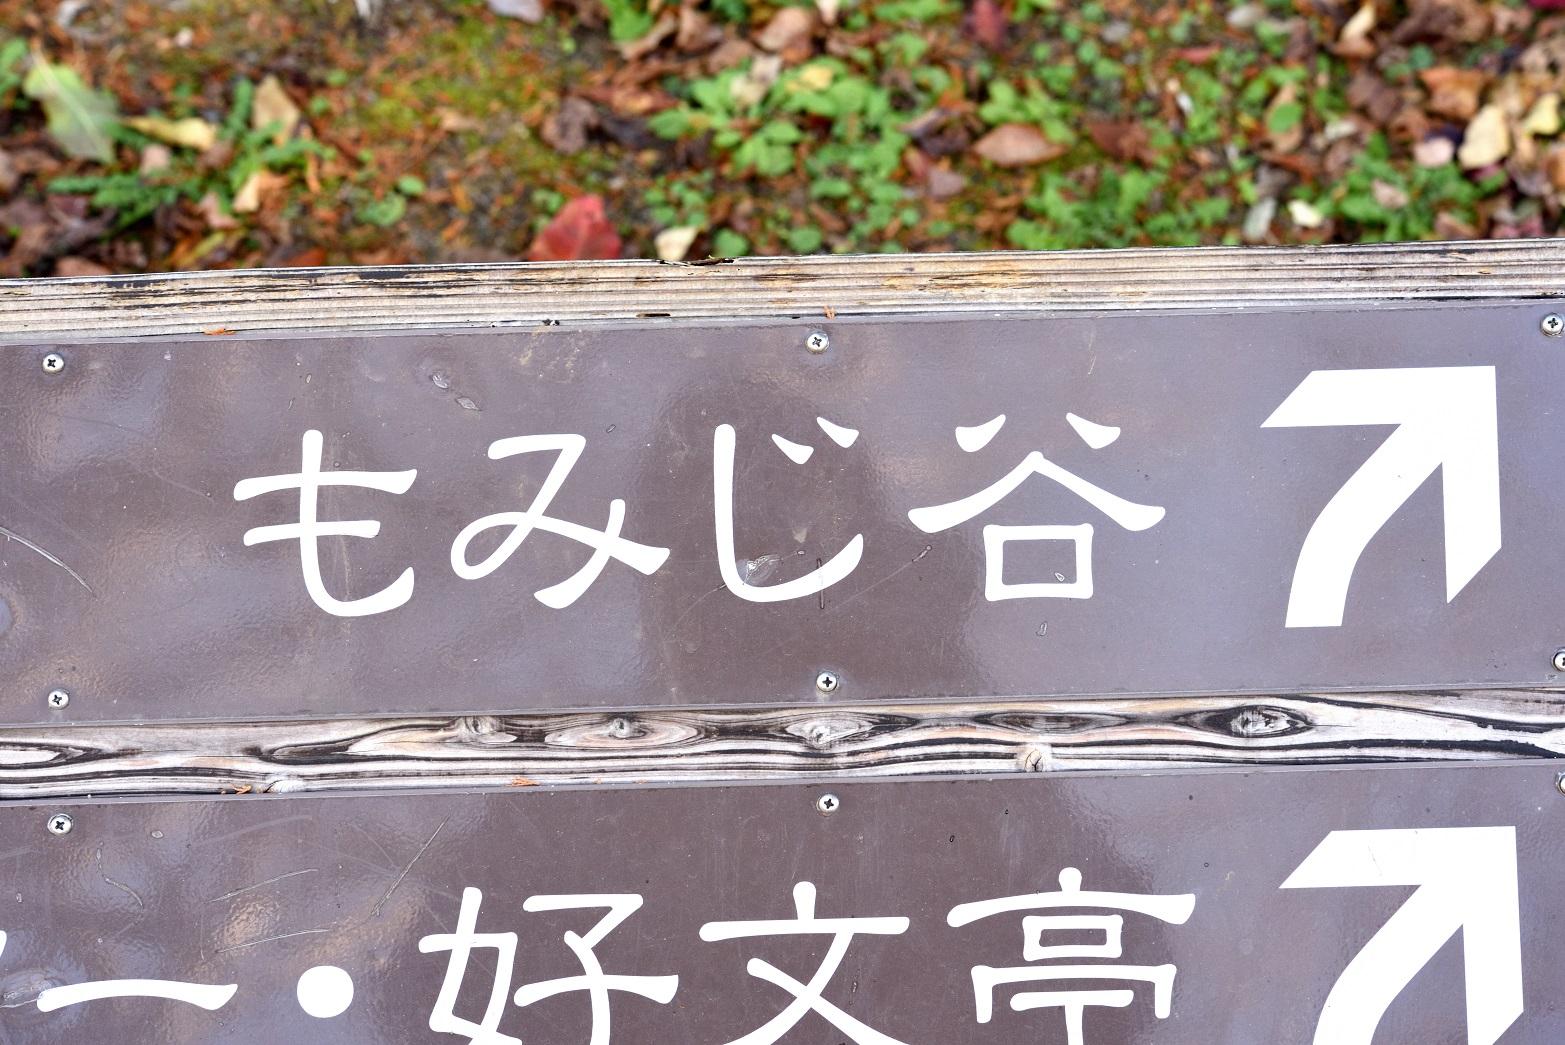 鮨健 もみじ谷